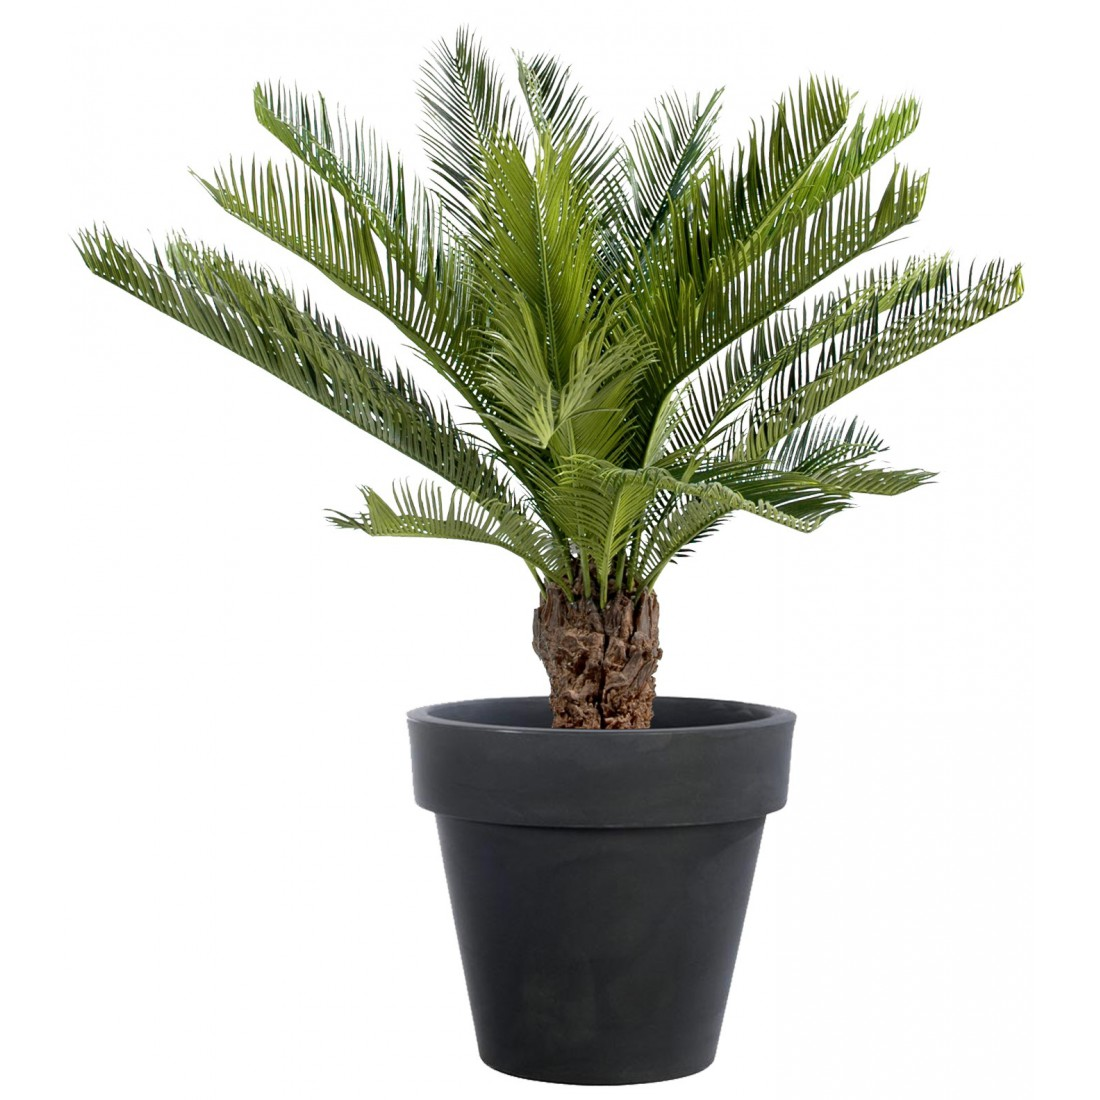 Cycas artificiel tronc 90 et 100 cm arbres exotiques - Tronc d arbre artificiel ...